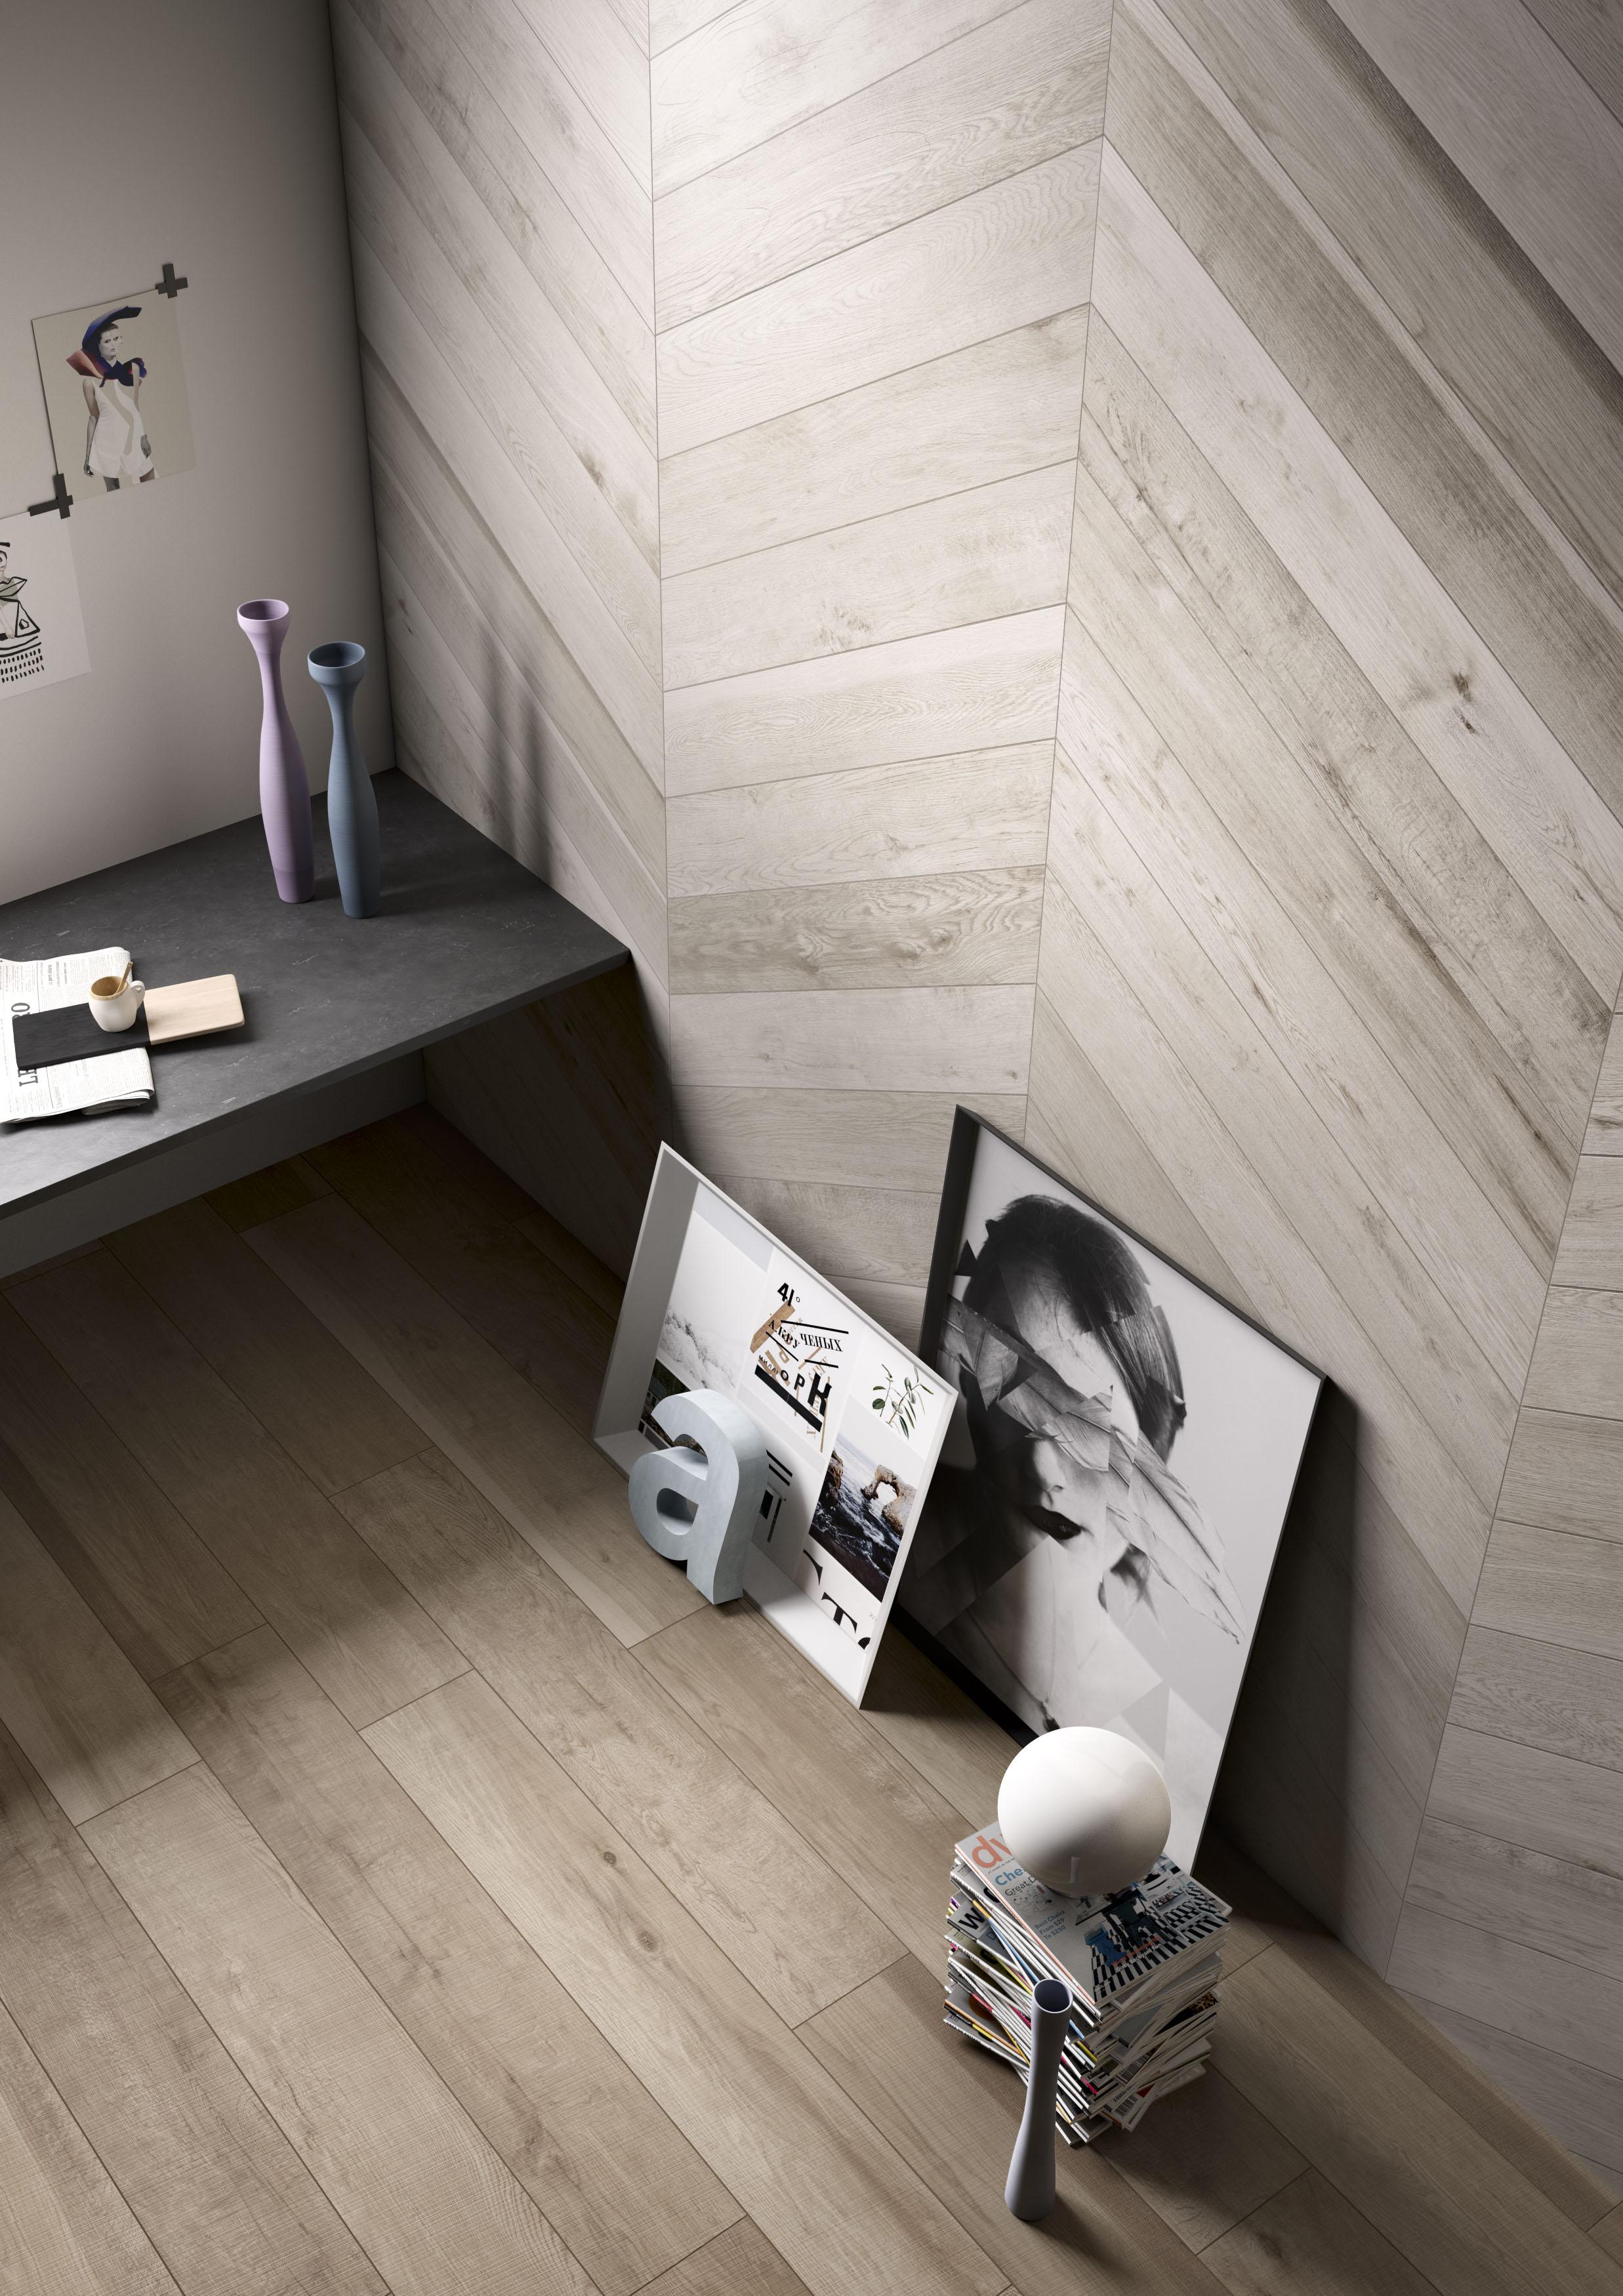 Impronta_My Plank_03_Camera_bagno_Particolare_A_Definitivo_01